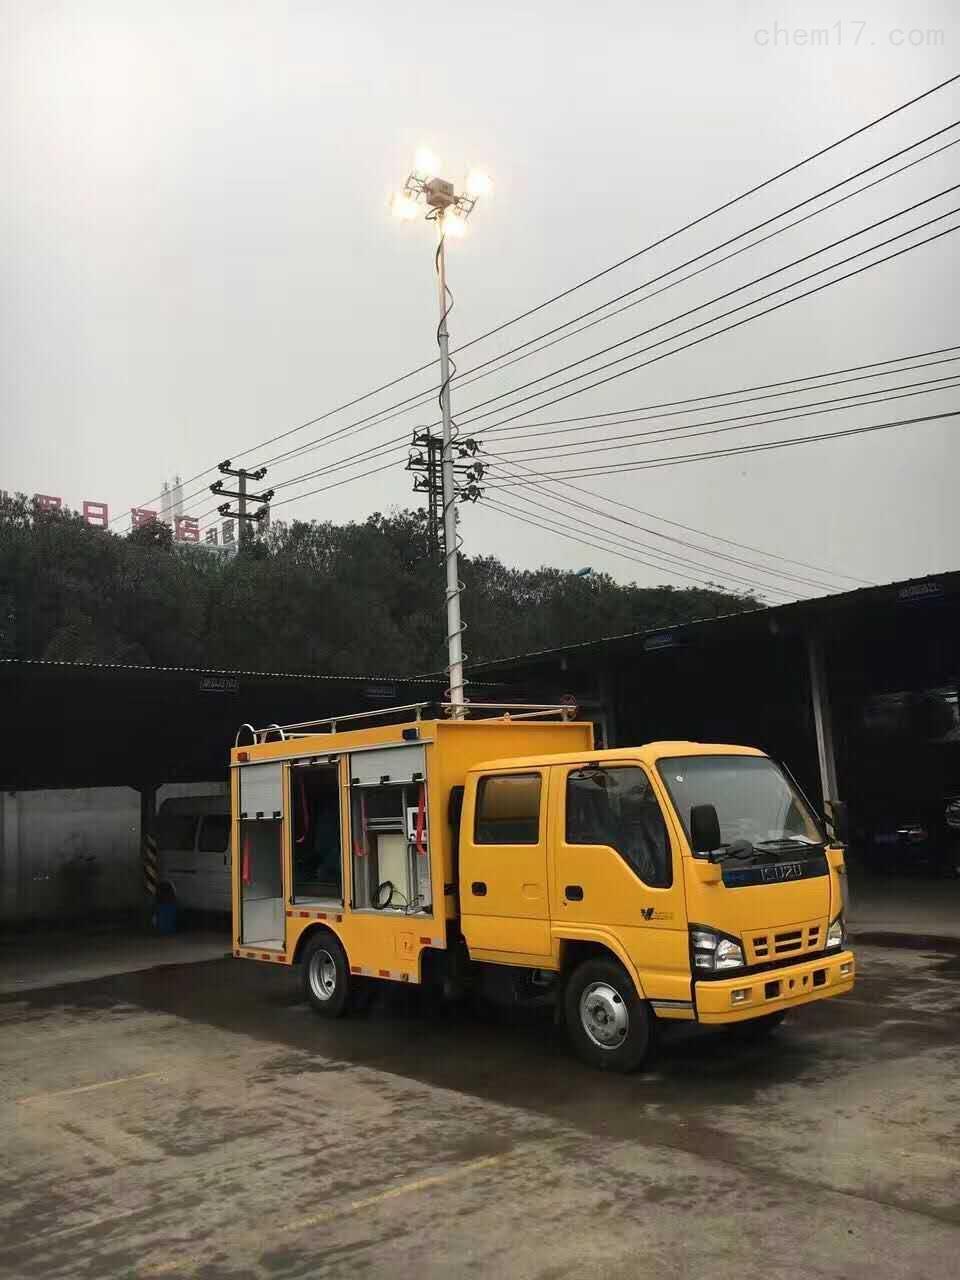 河圣牌 车载升降照明设施 车载移动照明灯 定制服务